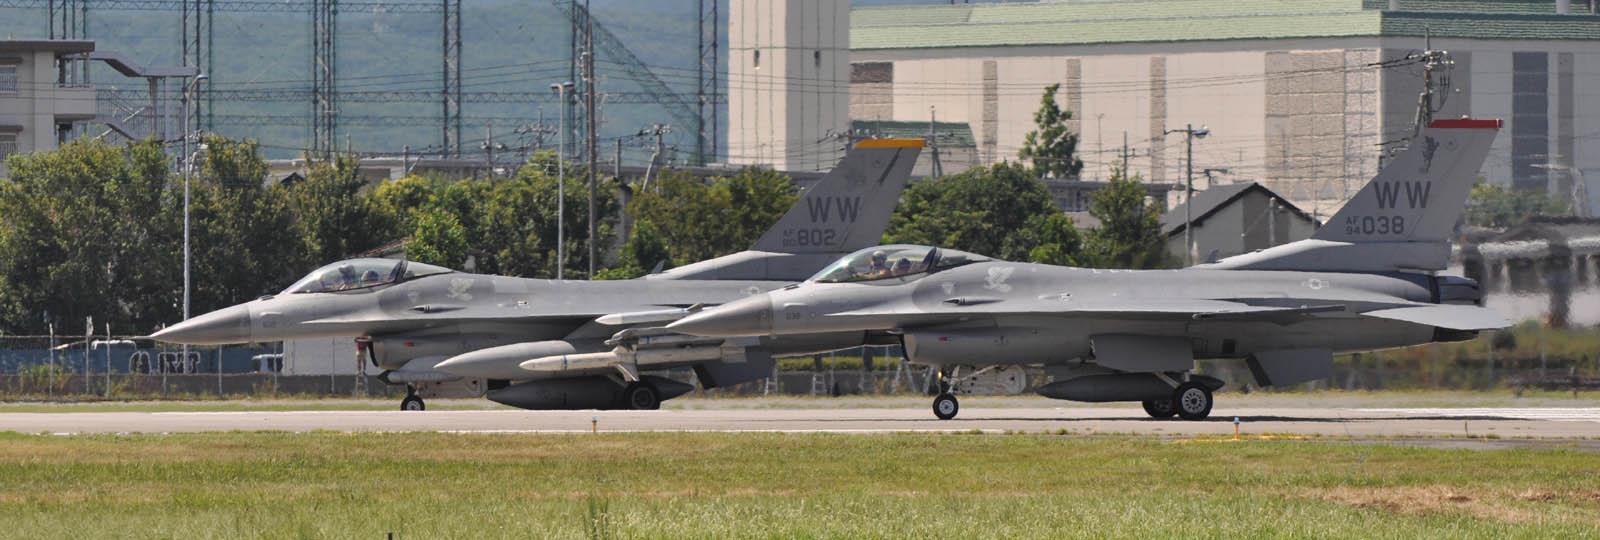 F16cj120820g585